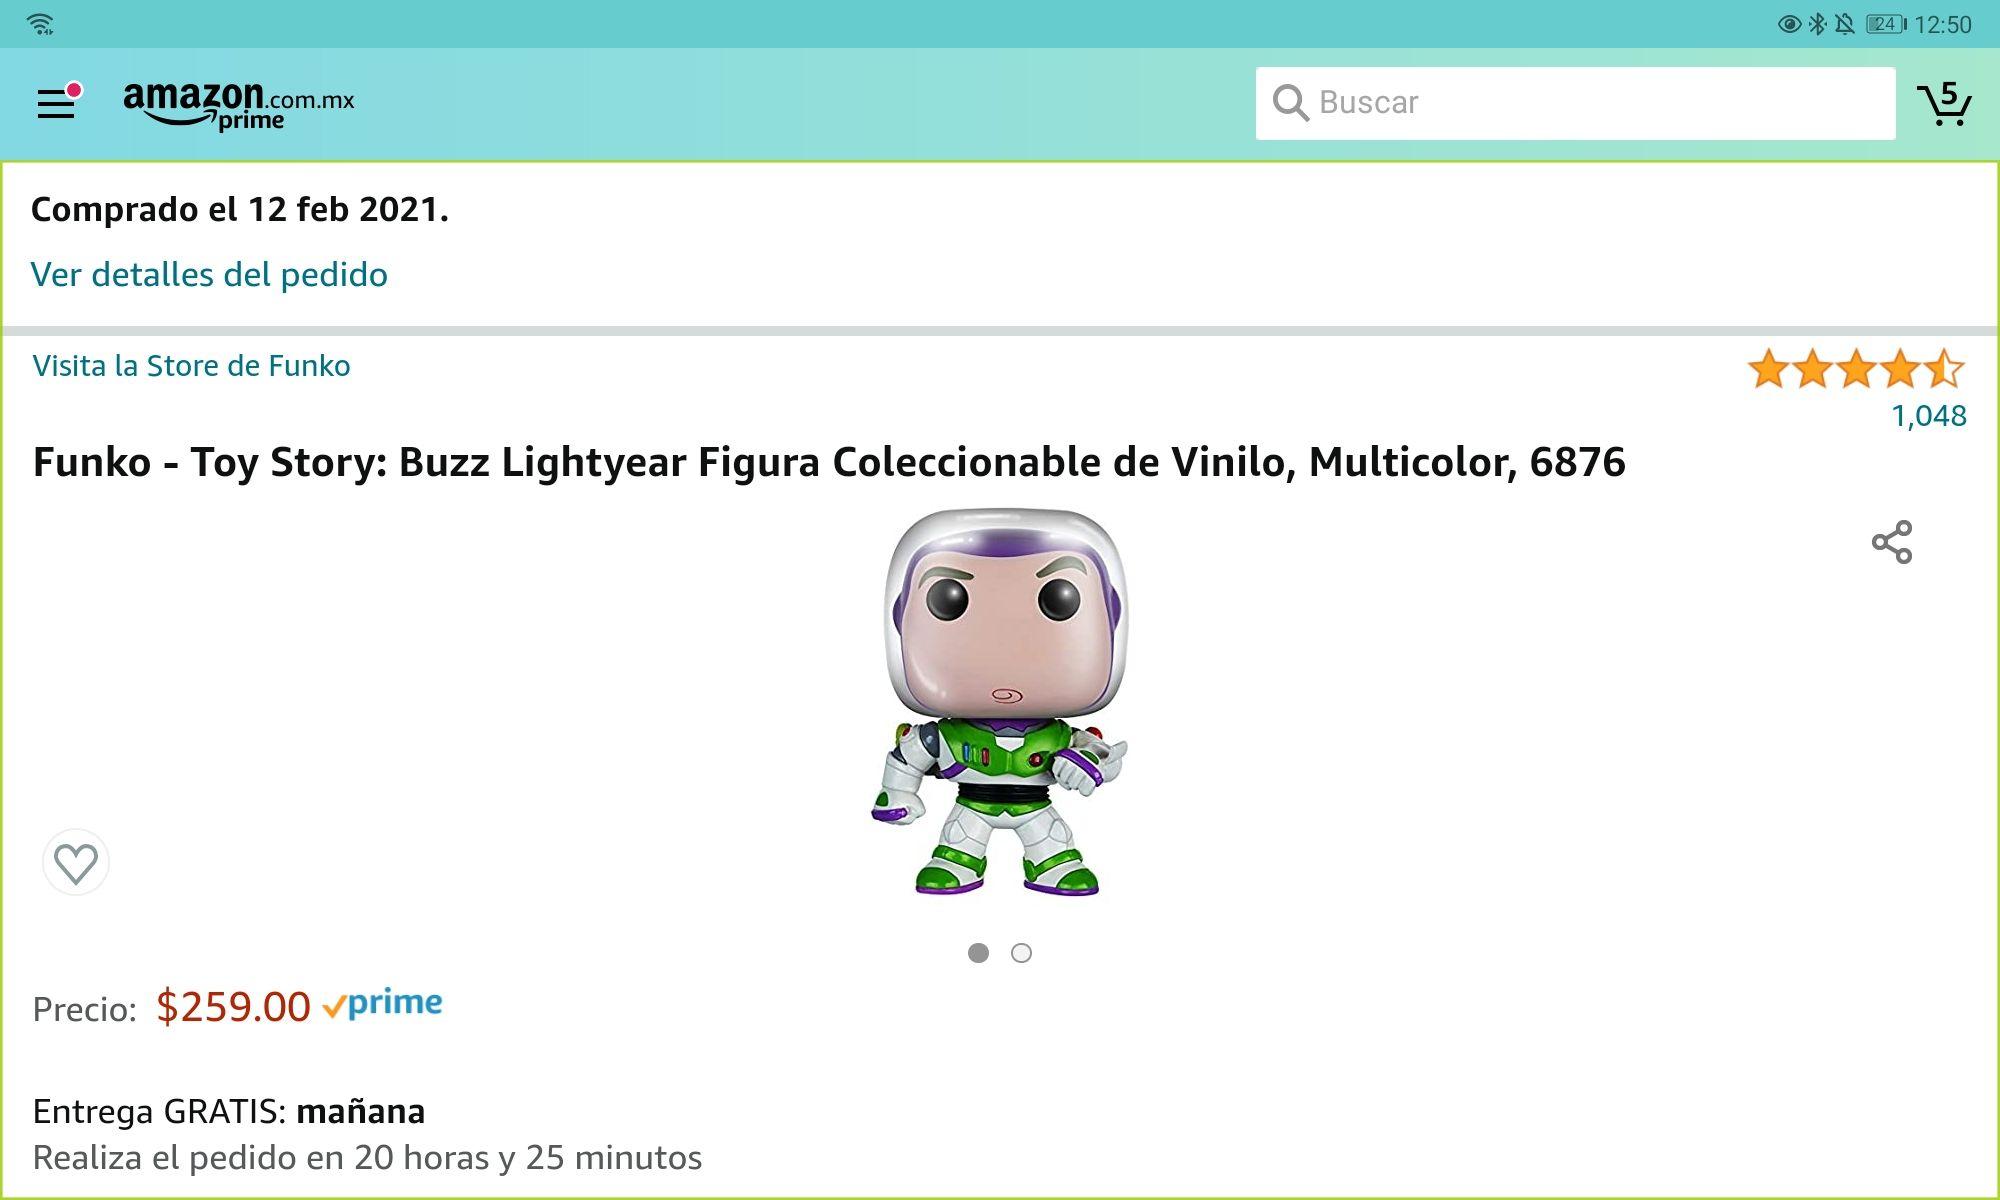 Amazon - Funko Pop Buzz Lightyear